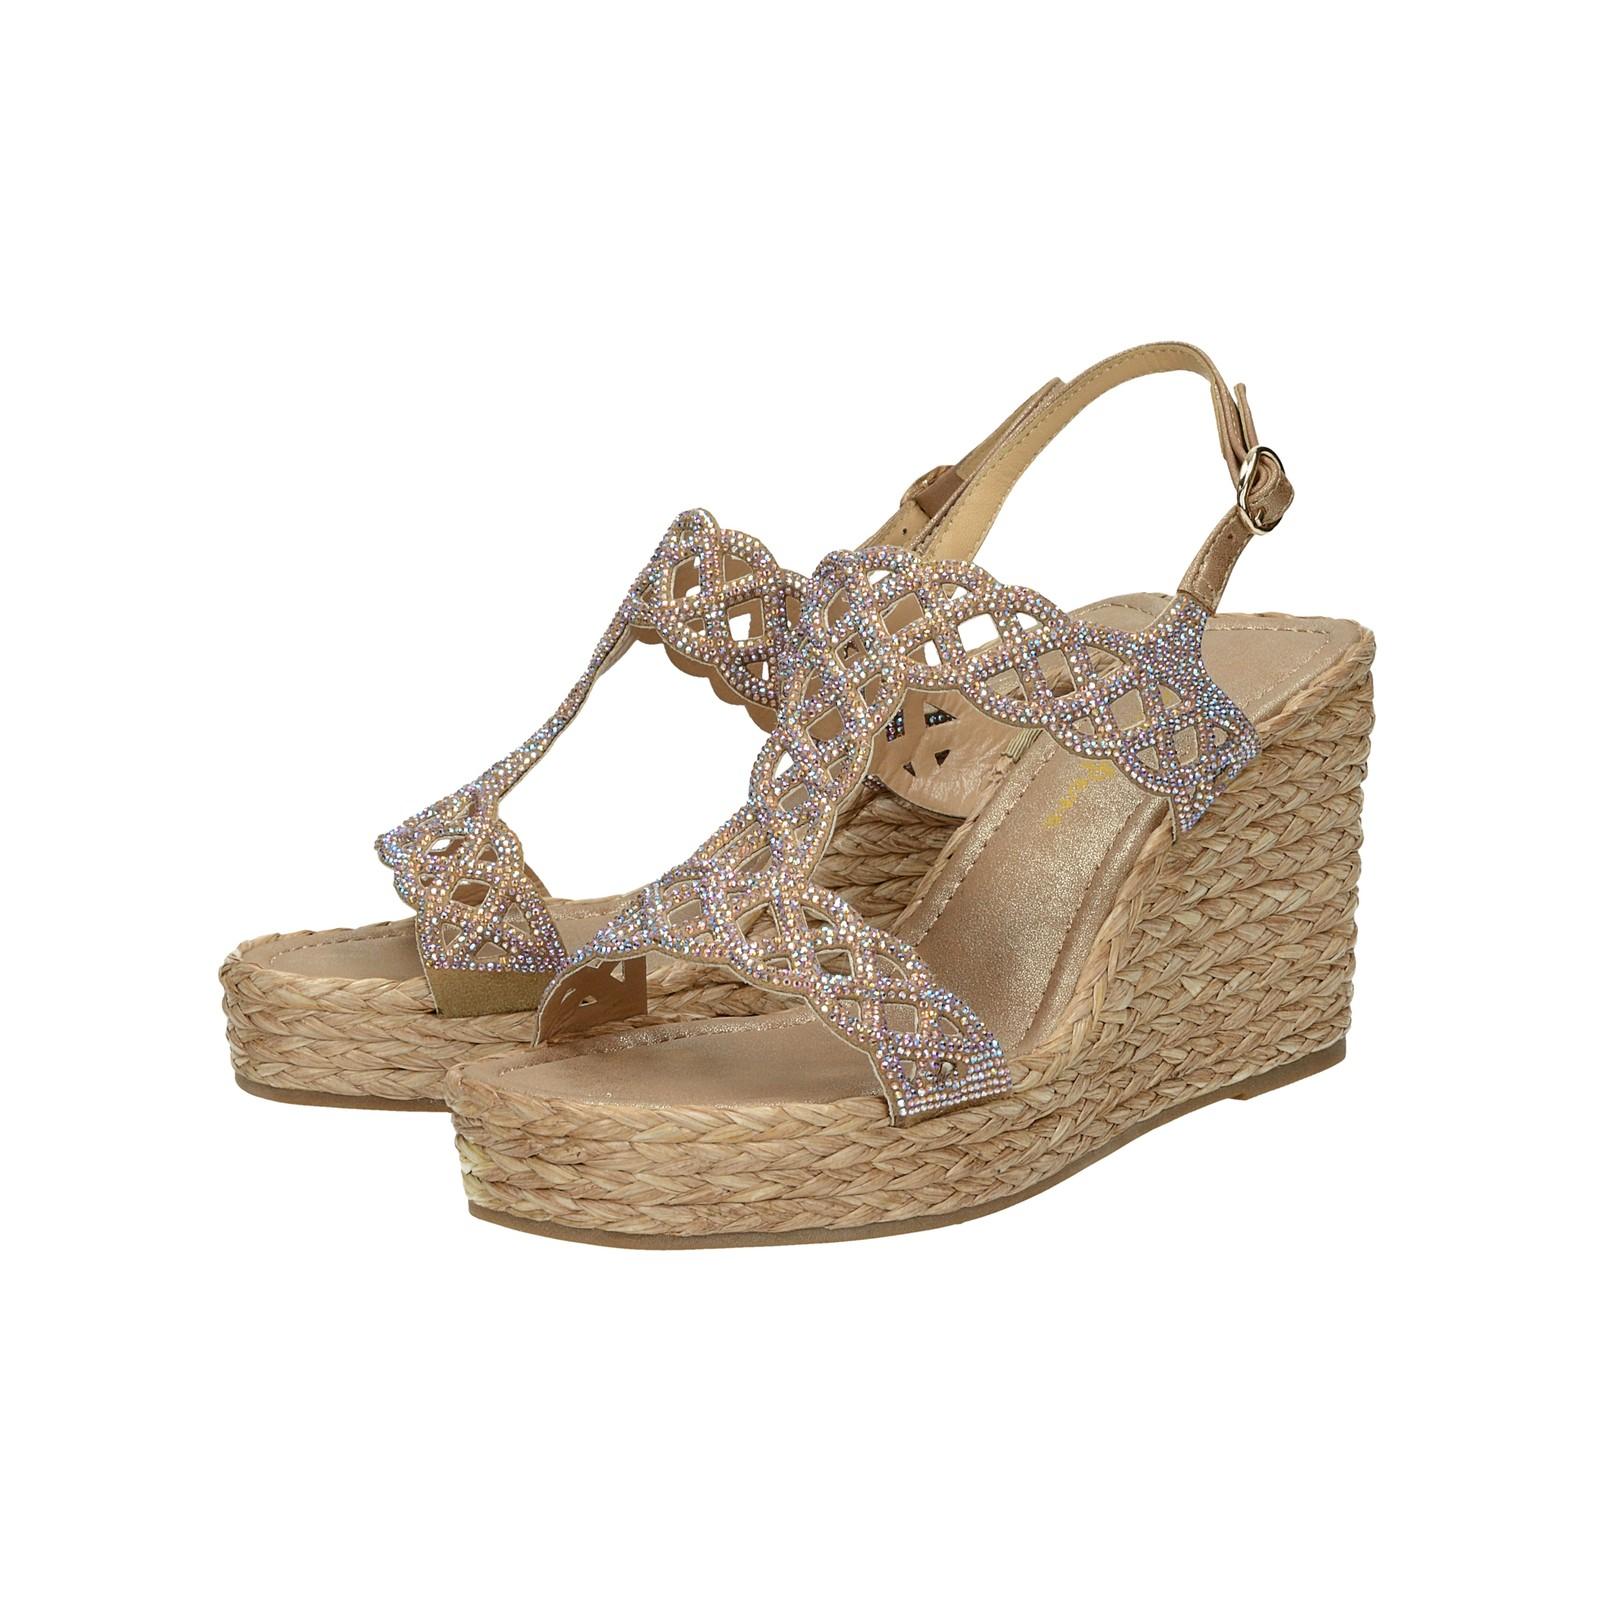 d17e5a91dc58 Alma en Pena dámske štýlové sandále s ozdobnými kamienkami - béžové ...